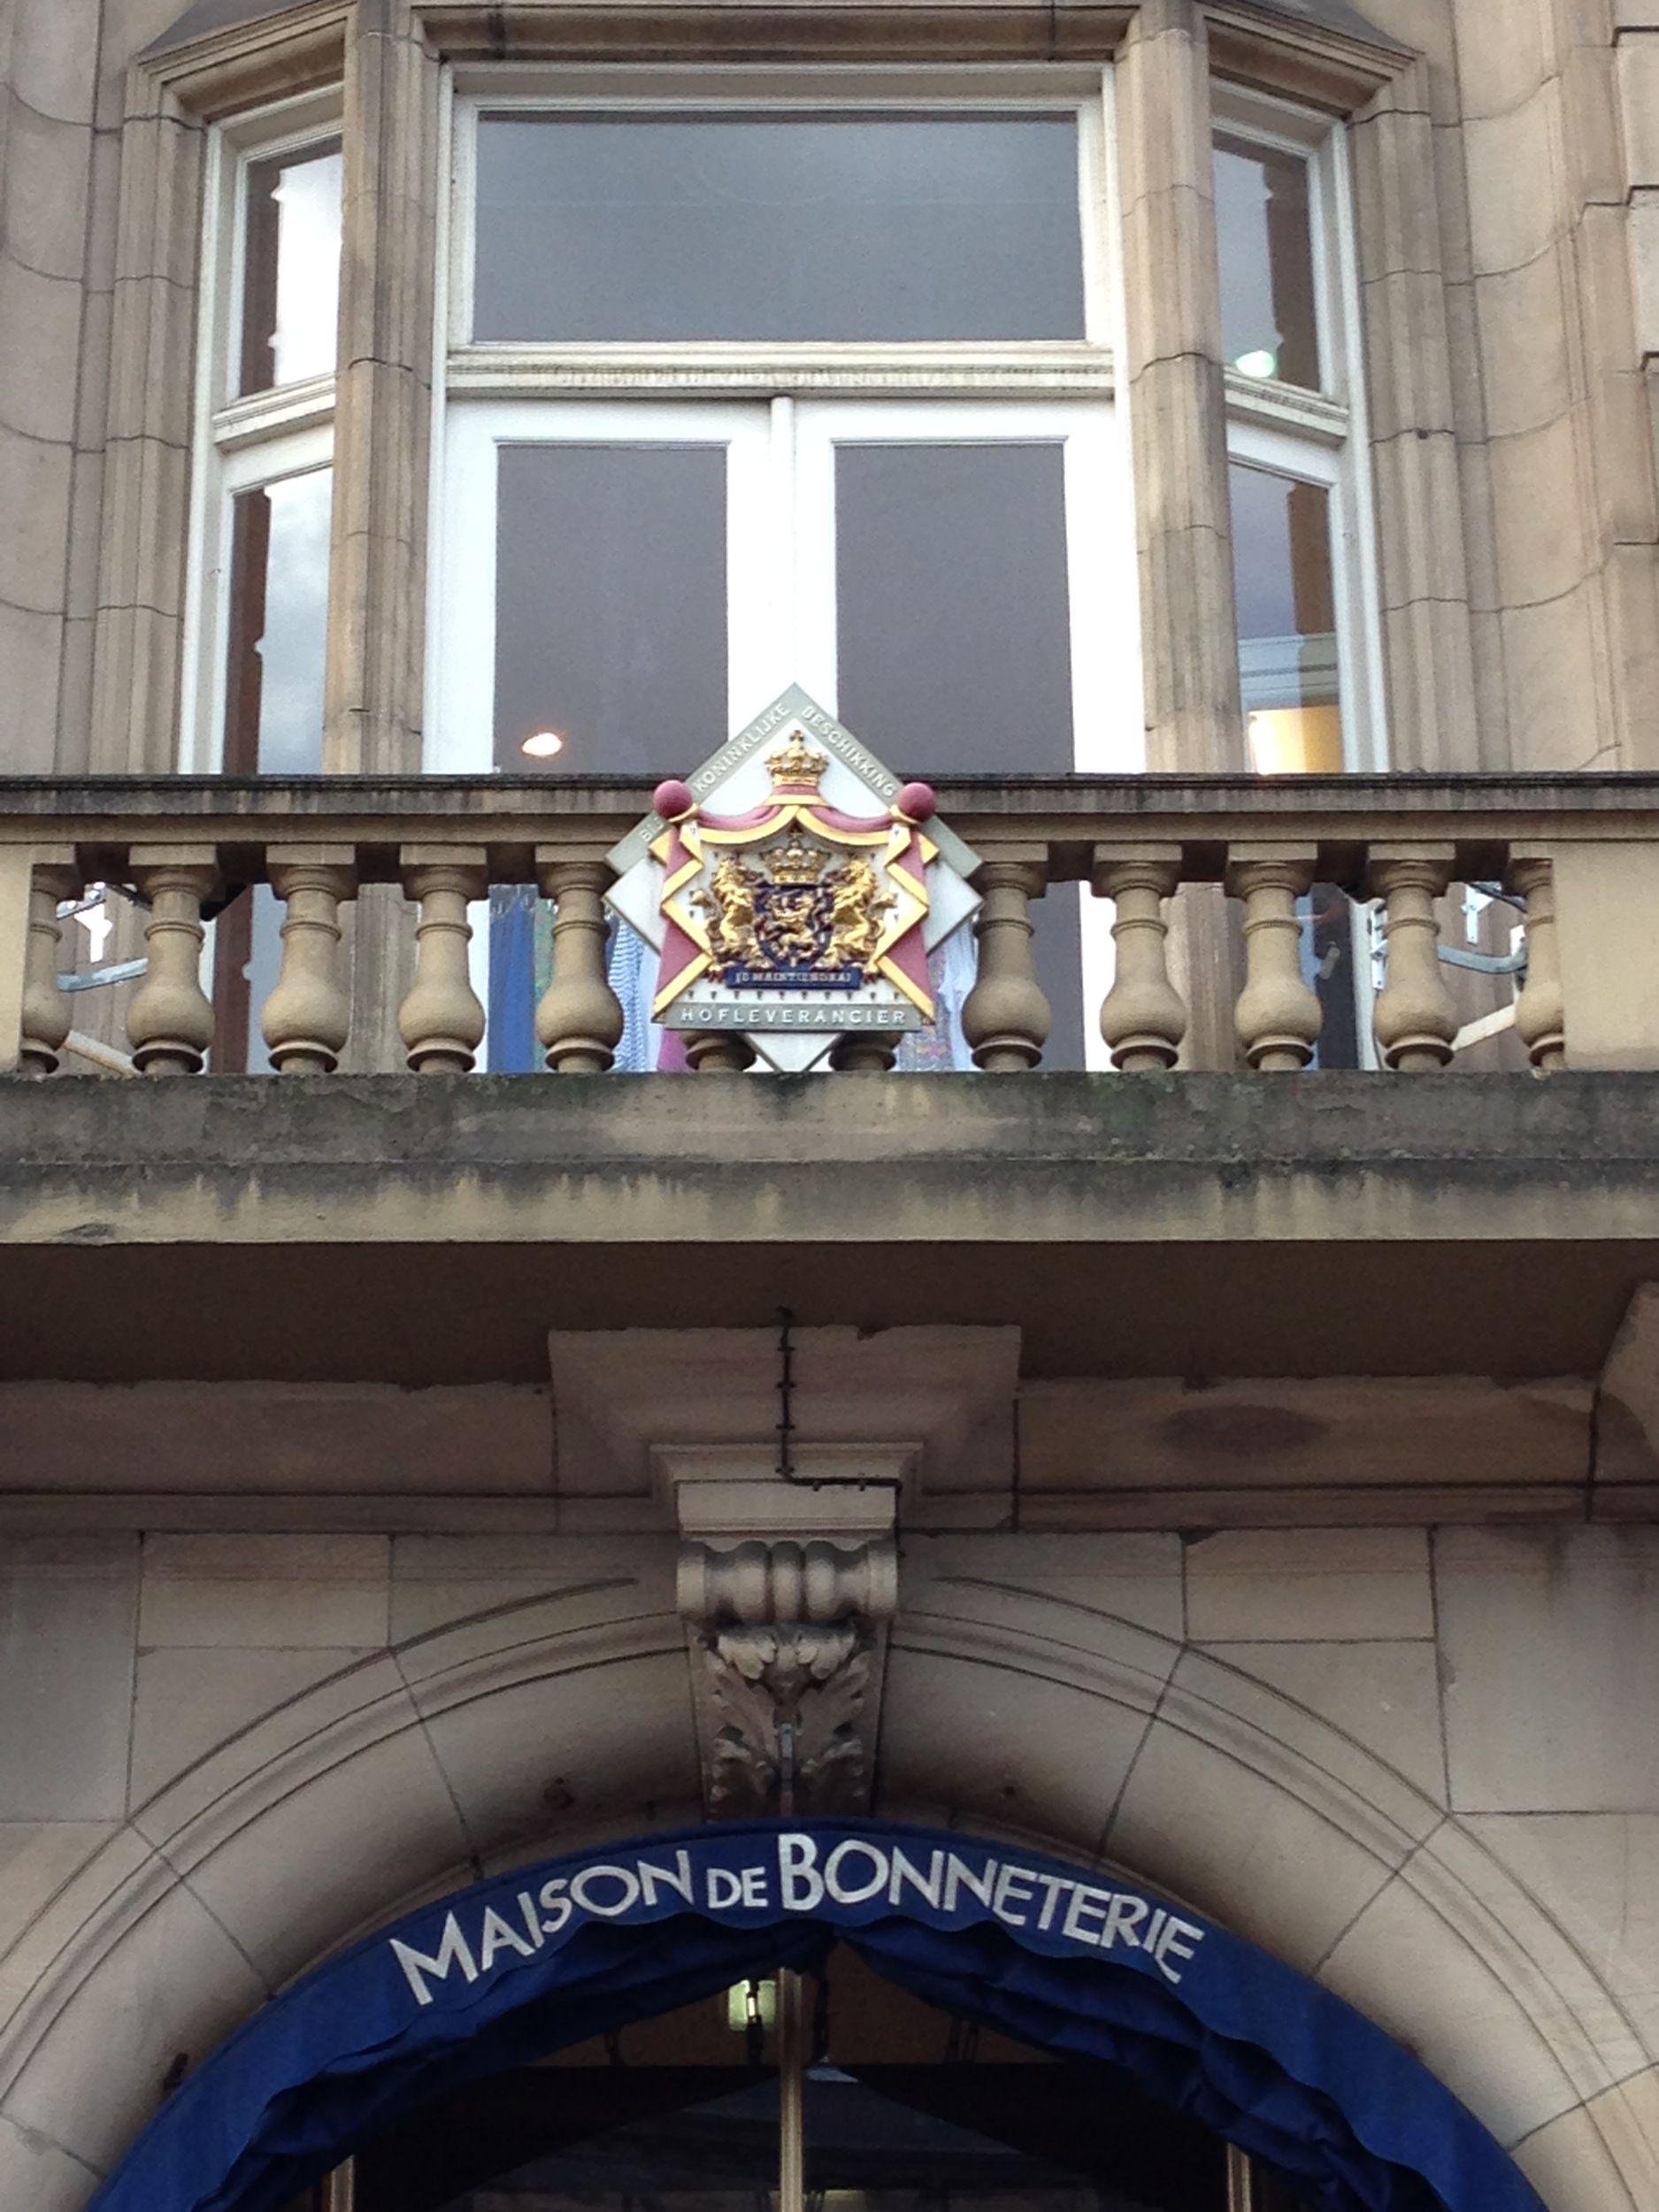 Het Hofleverancierswapenbordje aan de gevel van Maison de Bonneterie in Amsterdam